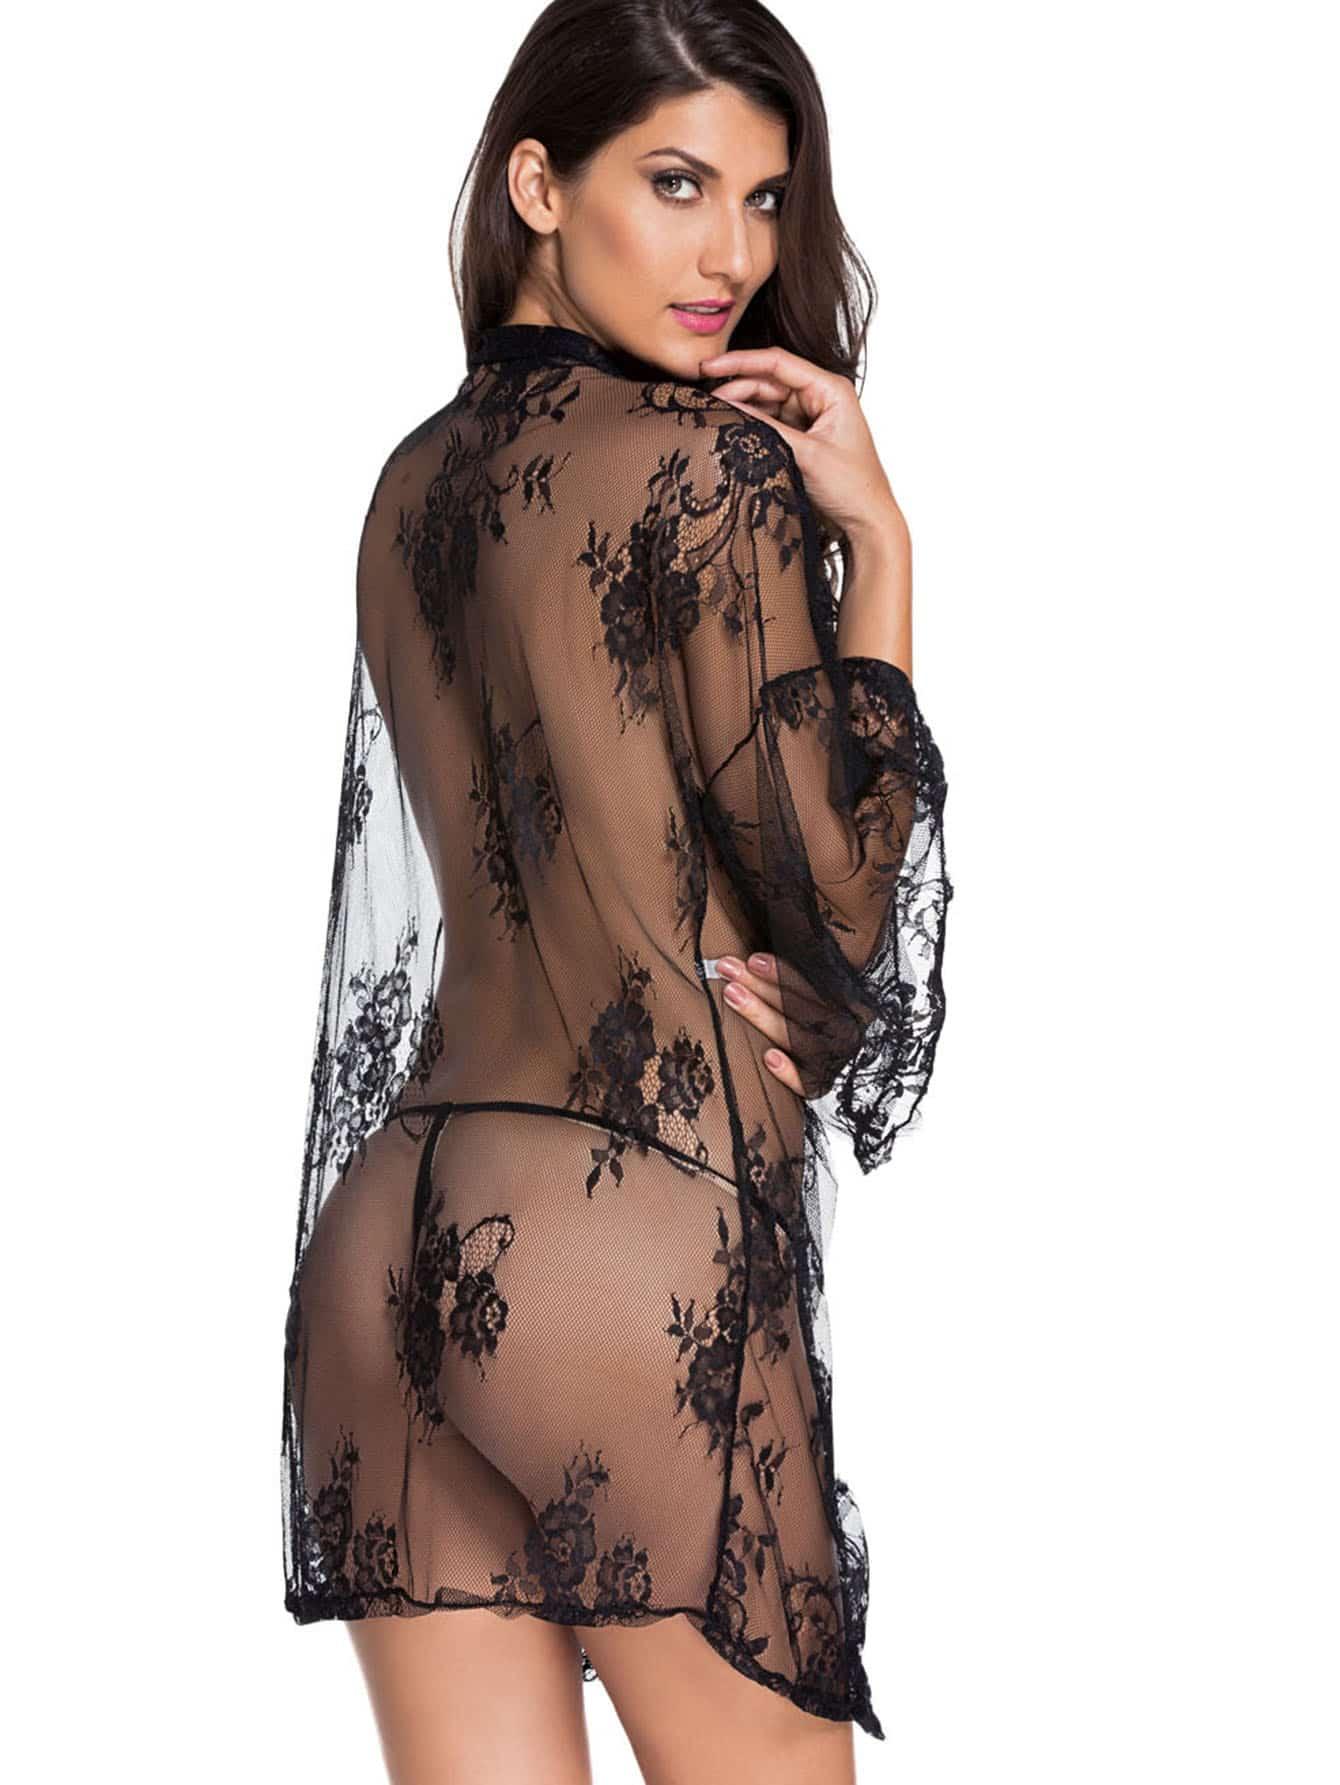 lingerie161205315_2